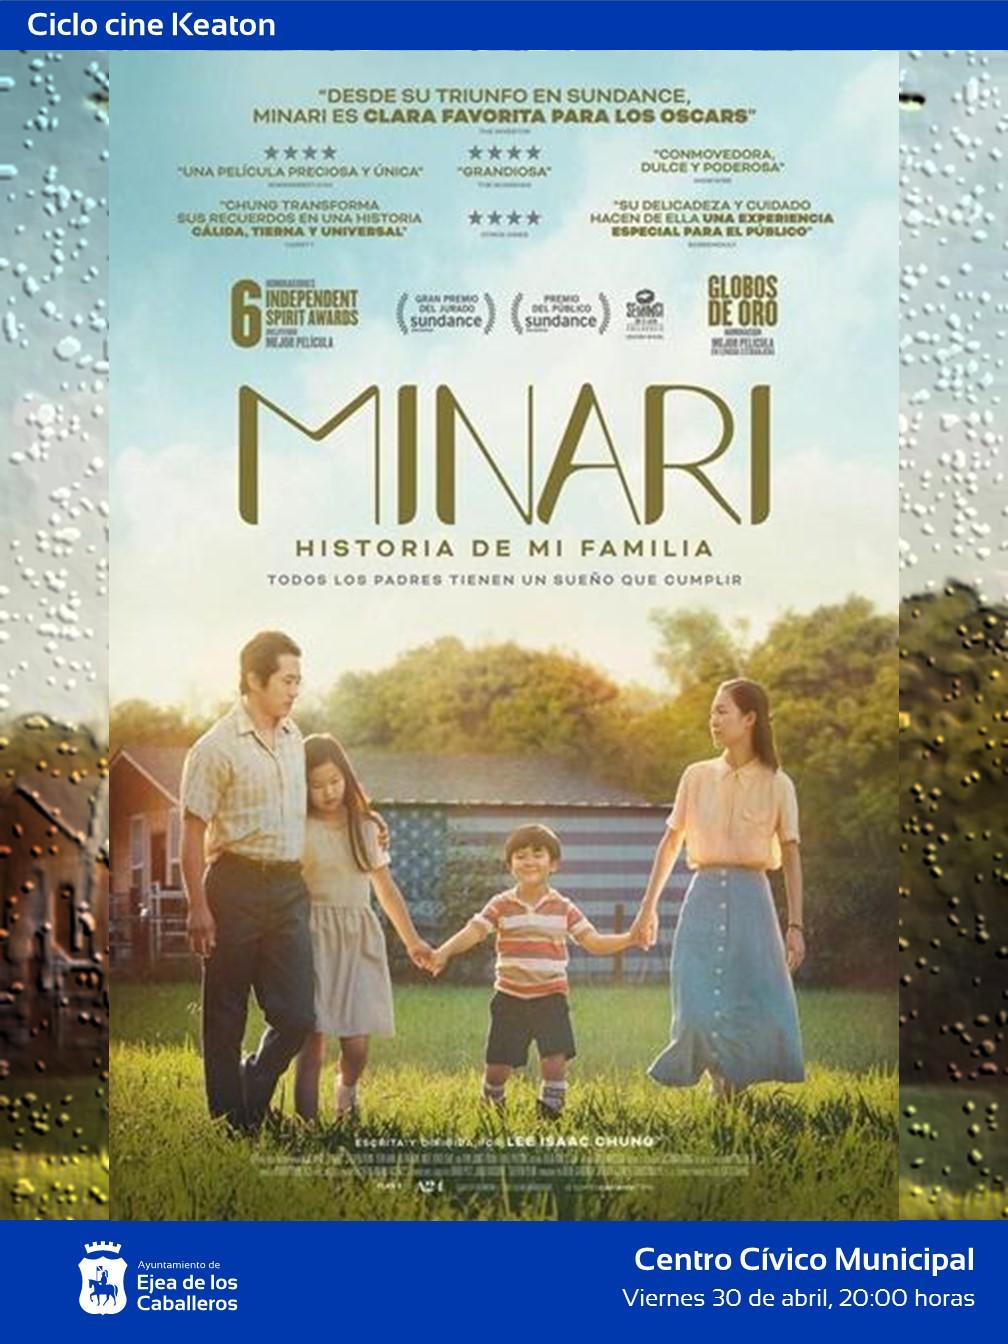 El ciclo de cine Keaton propone «Minari, historia de mi familia», un delicado retrato de la lucha por la existencia